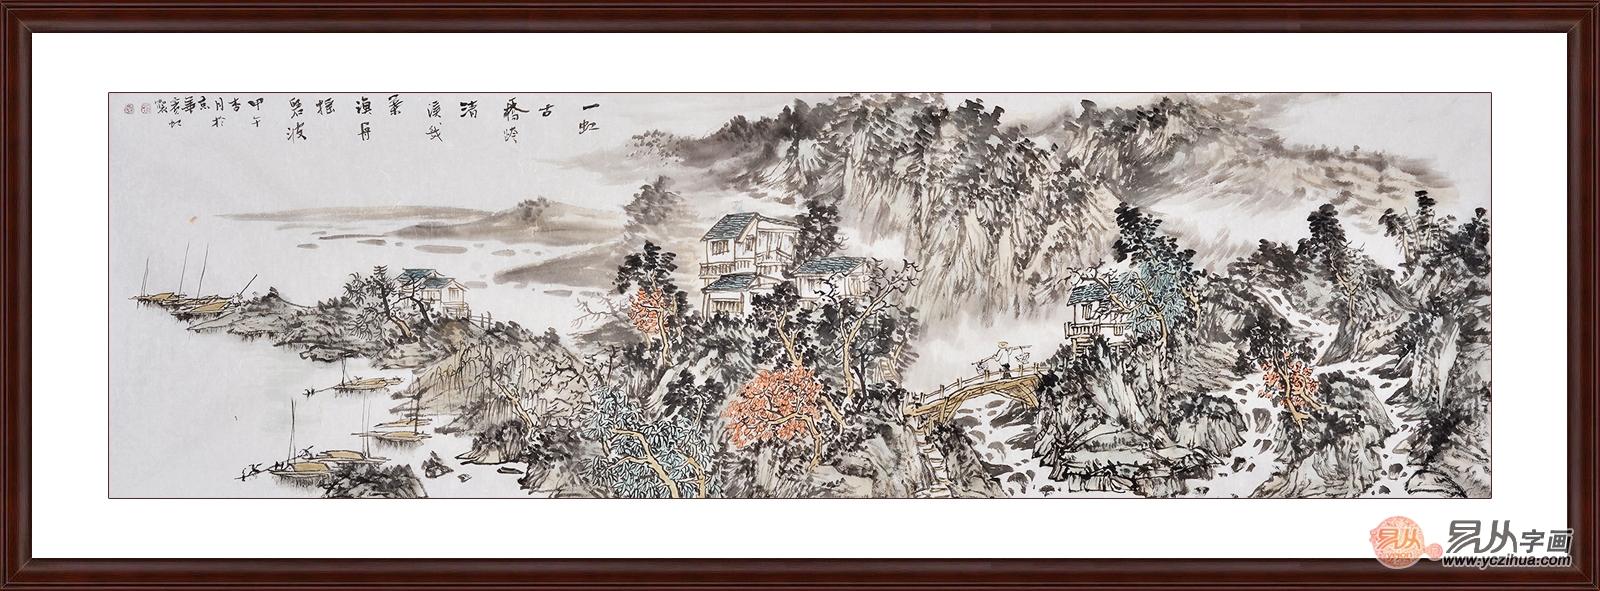 石宾虹八尺对开横幅山水画作品《一虹古桥跨清溪》-一幅画定格第一图片